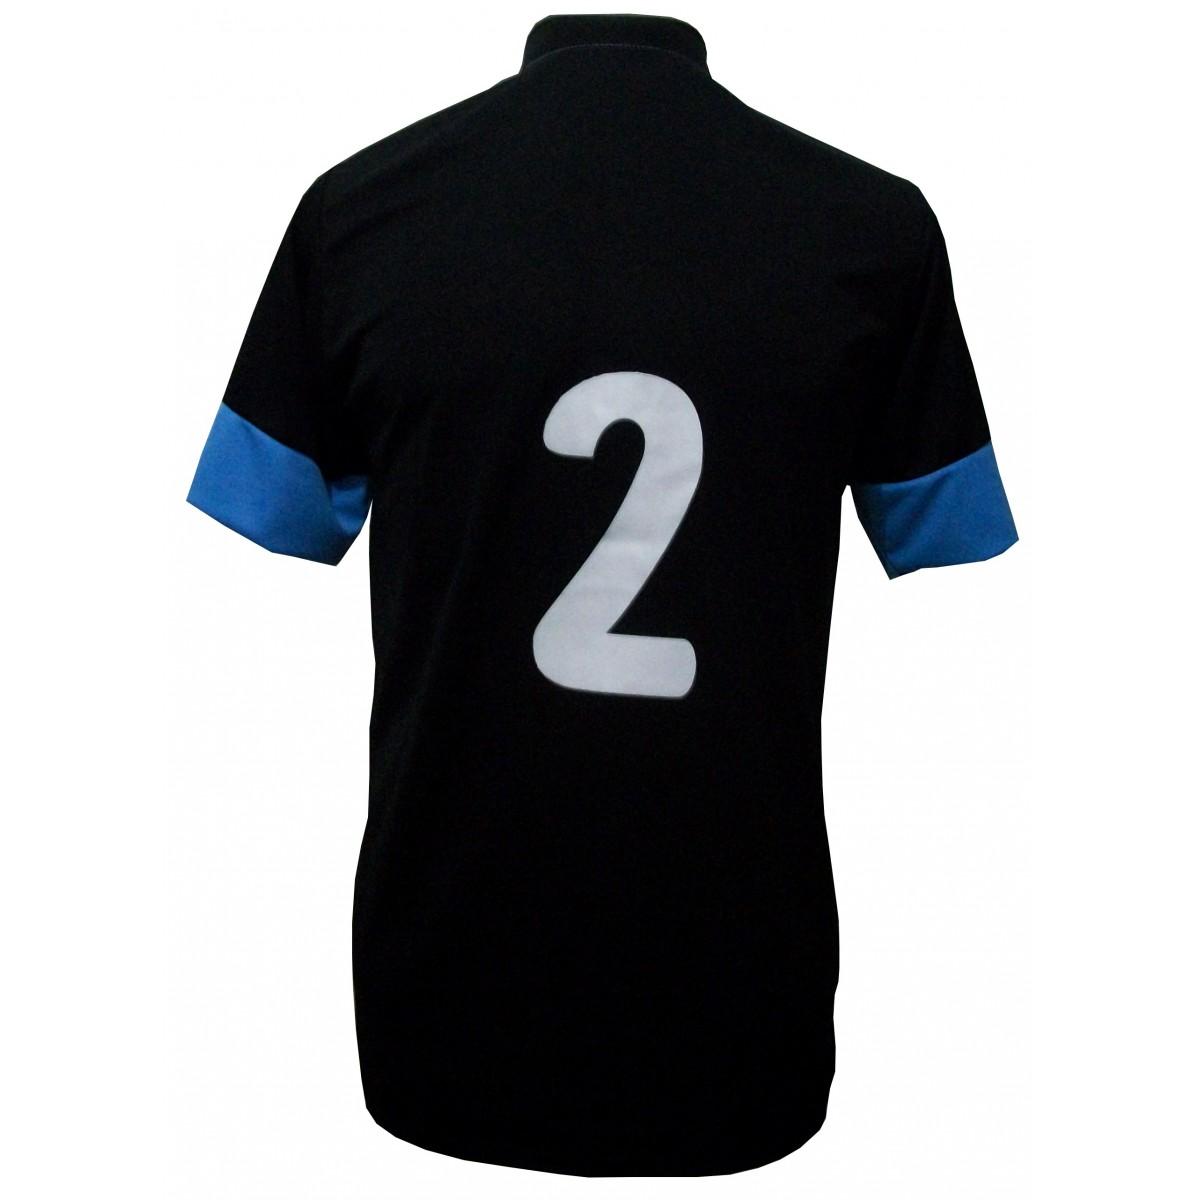 Uniforme Esportivo com 14 camisas modelo Sporting Preto/Branco/Celeste + 14 calções modelo Copa Preto/Branco + Brindes